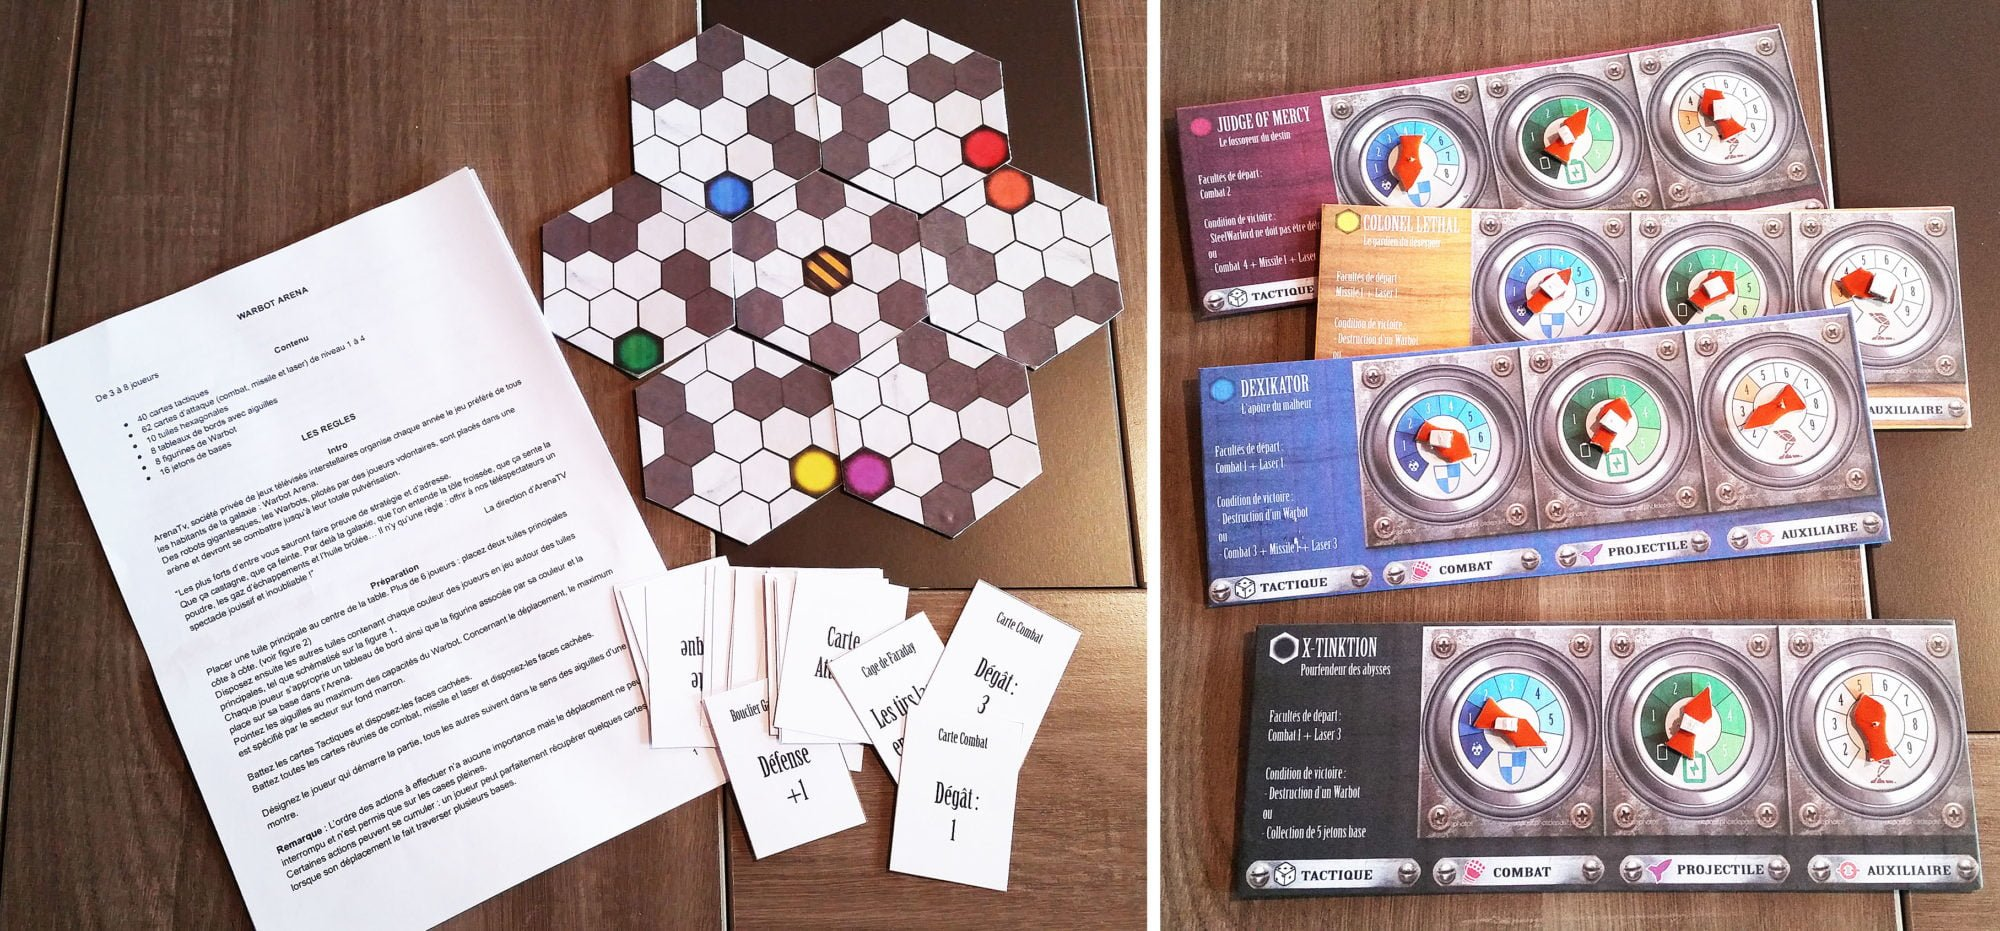 Second prototype du jeu Warbot Arena